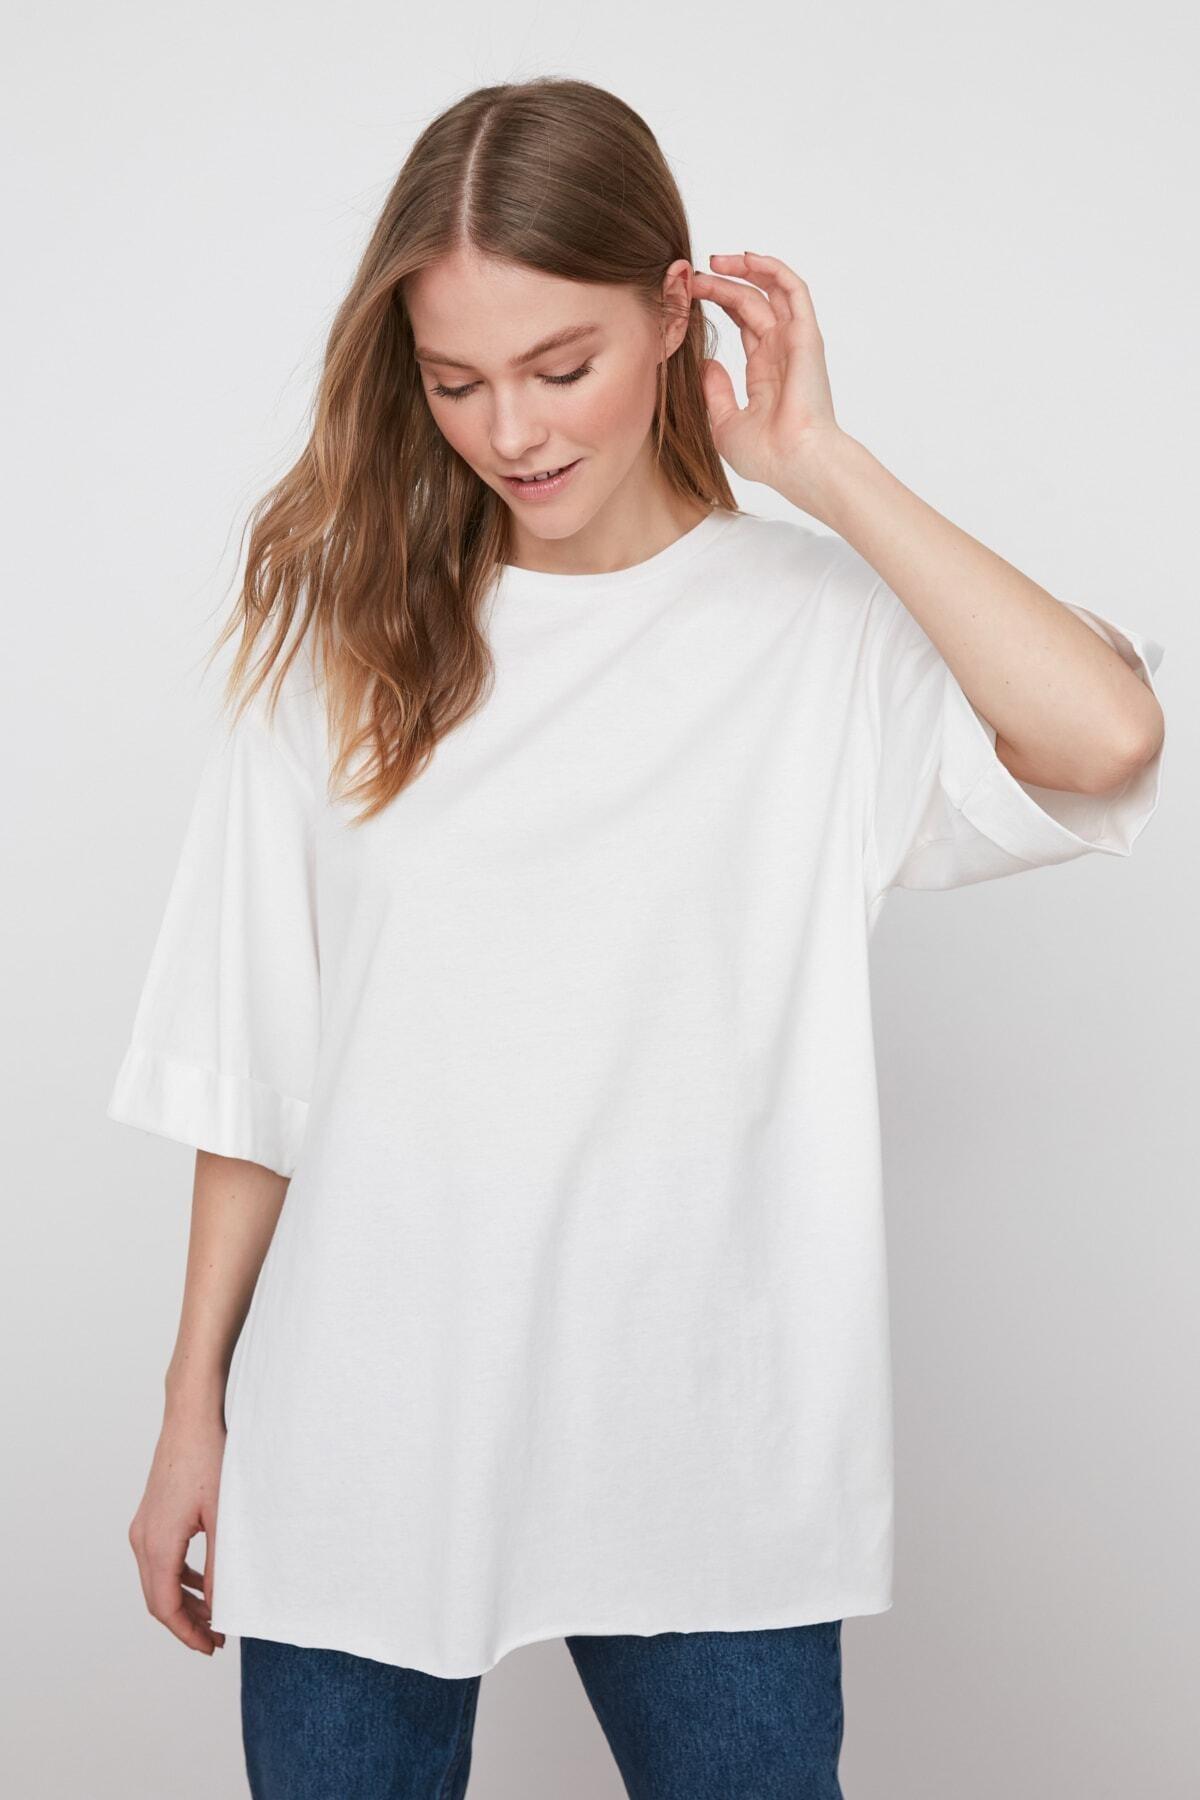 MODAGEN Beyaz Duble Kol Asimetrik Boyfriend Örme T-shirt